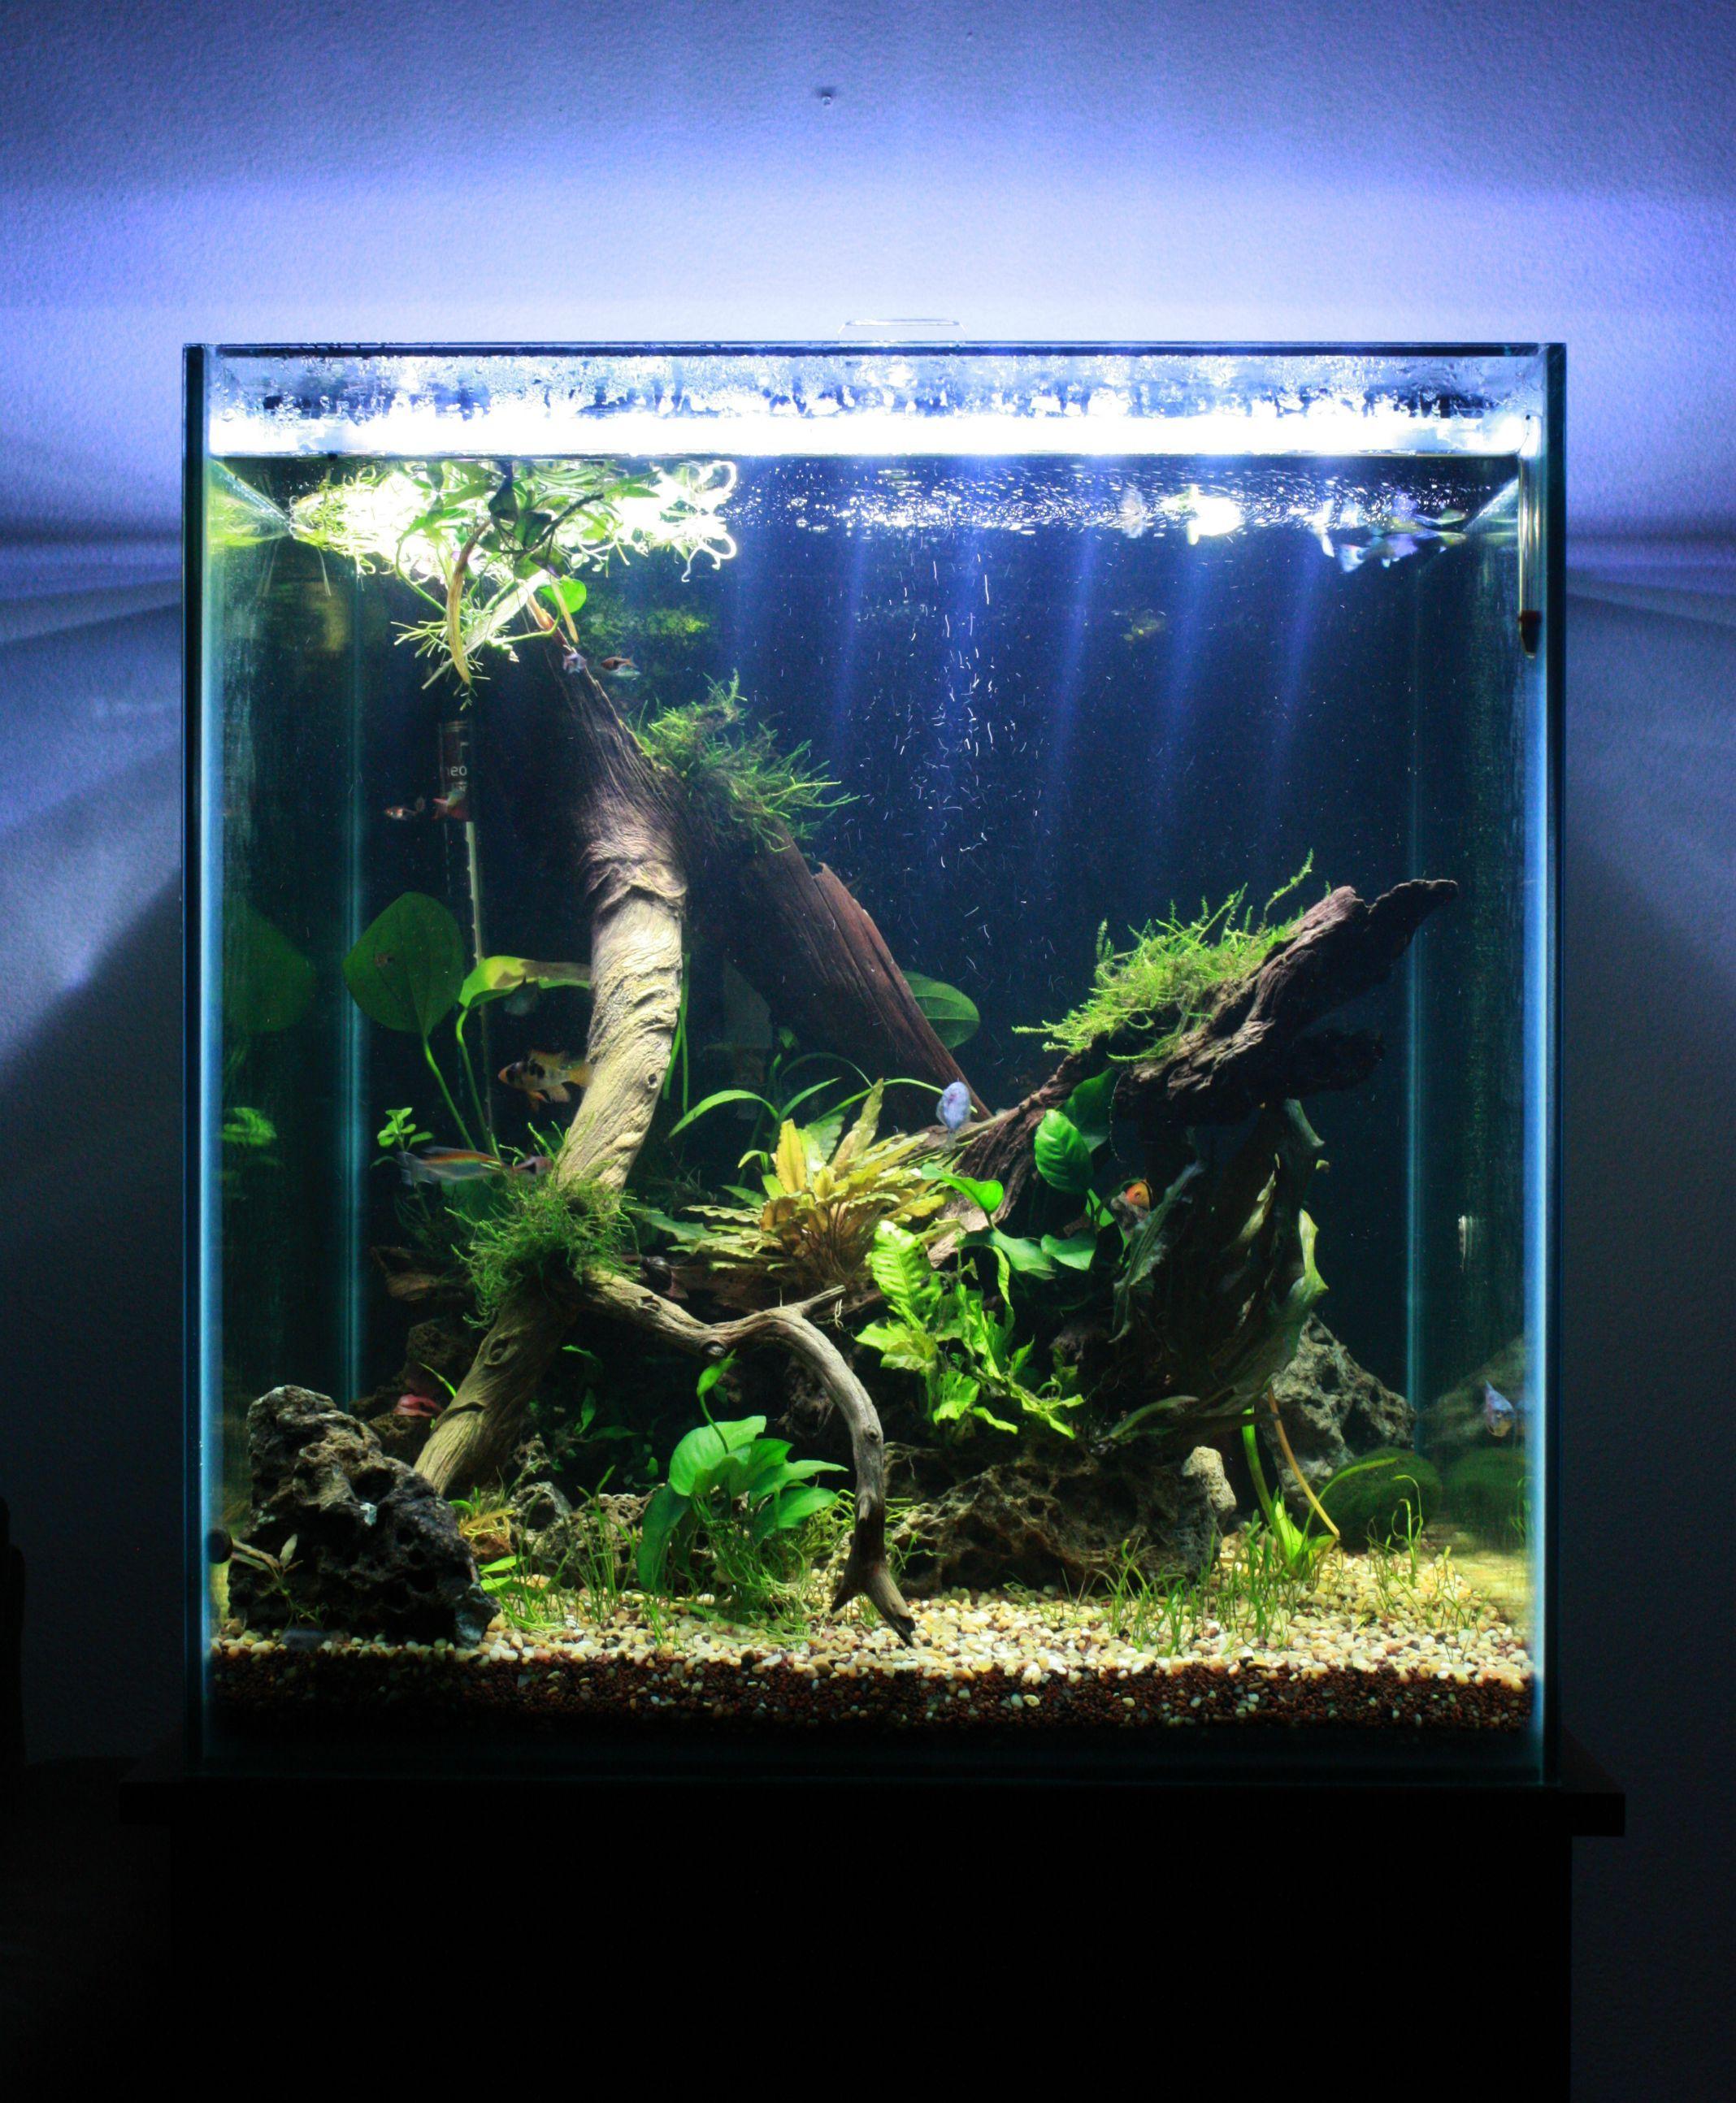 Home Aquarium Design Ideas: Fish Tank Plants, Aquarium